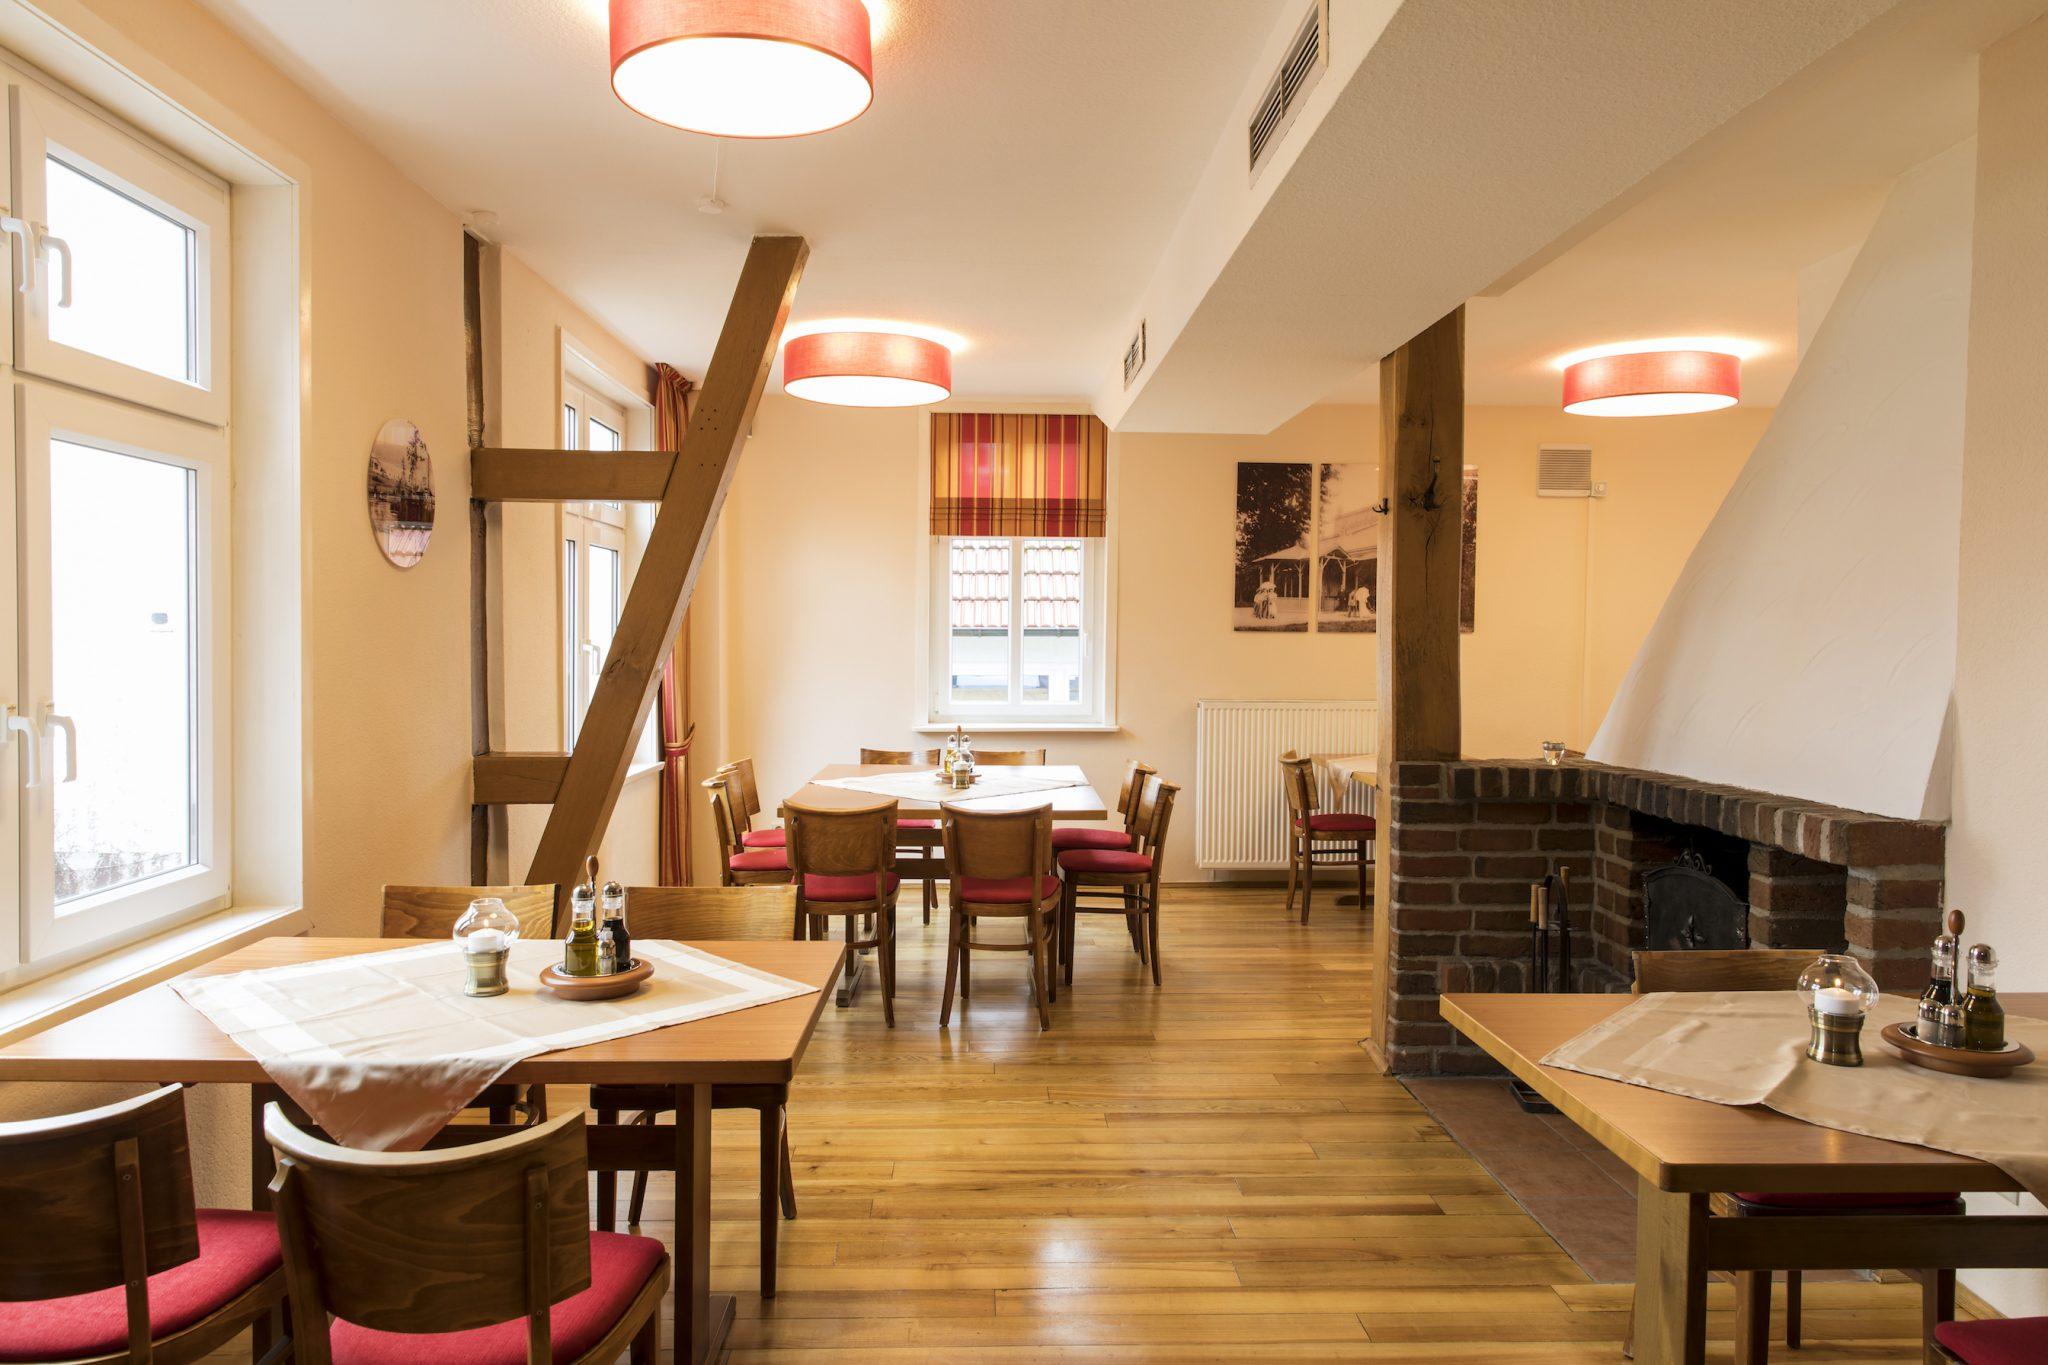 Im Kaminzimmer des Restaurants Zimmermanns in Bad Wildungen kann man in gemütlicher Atmosphäre speisen